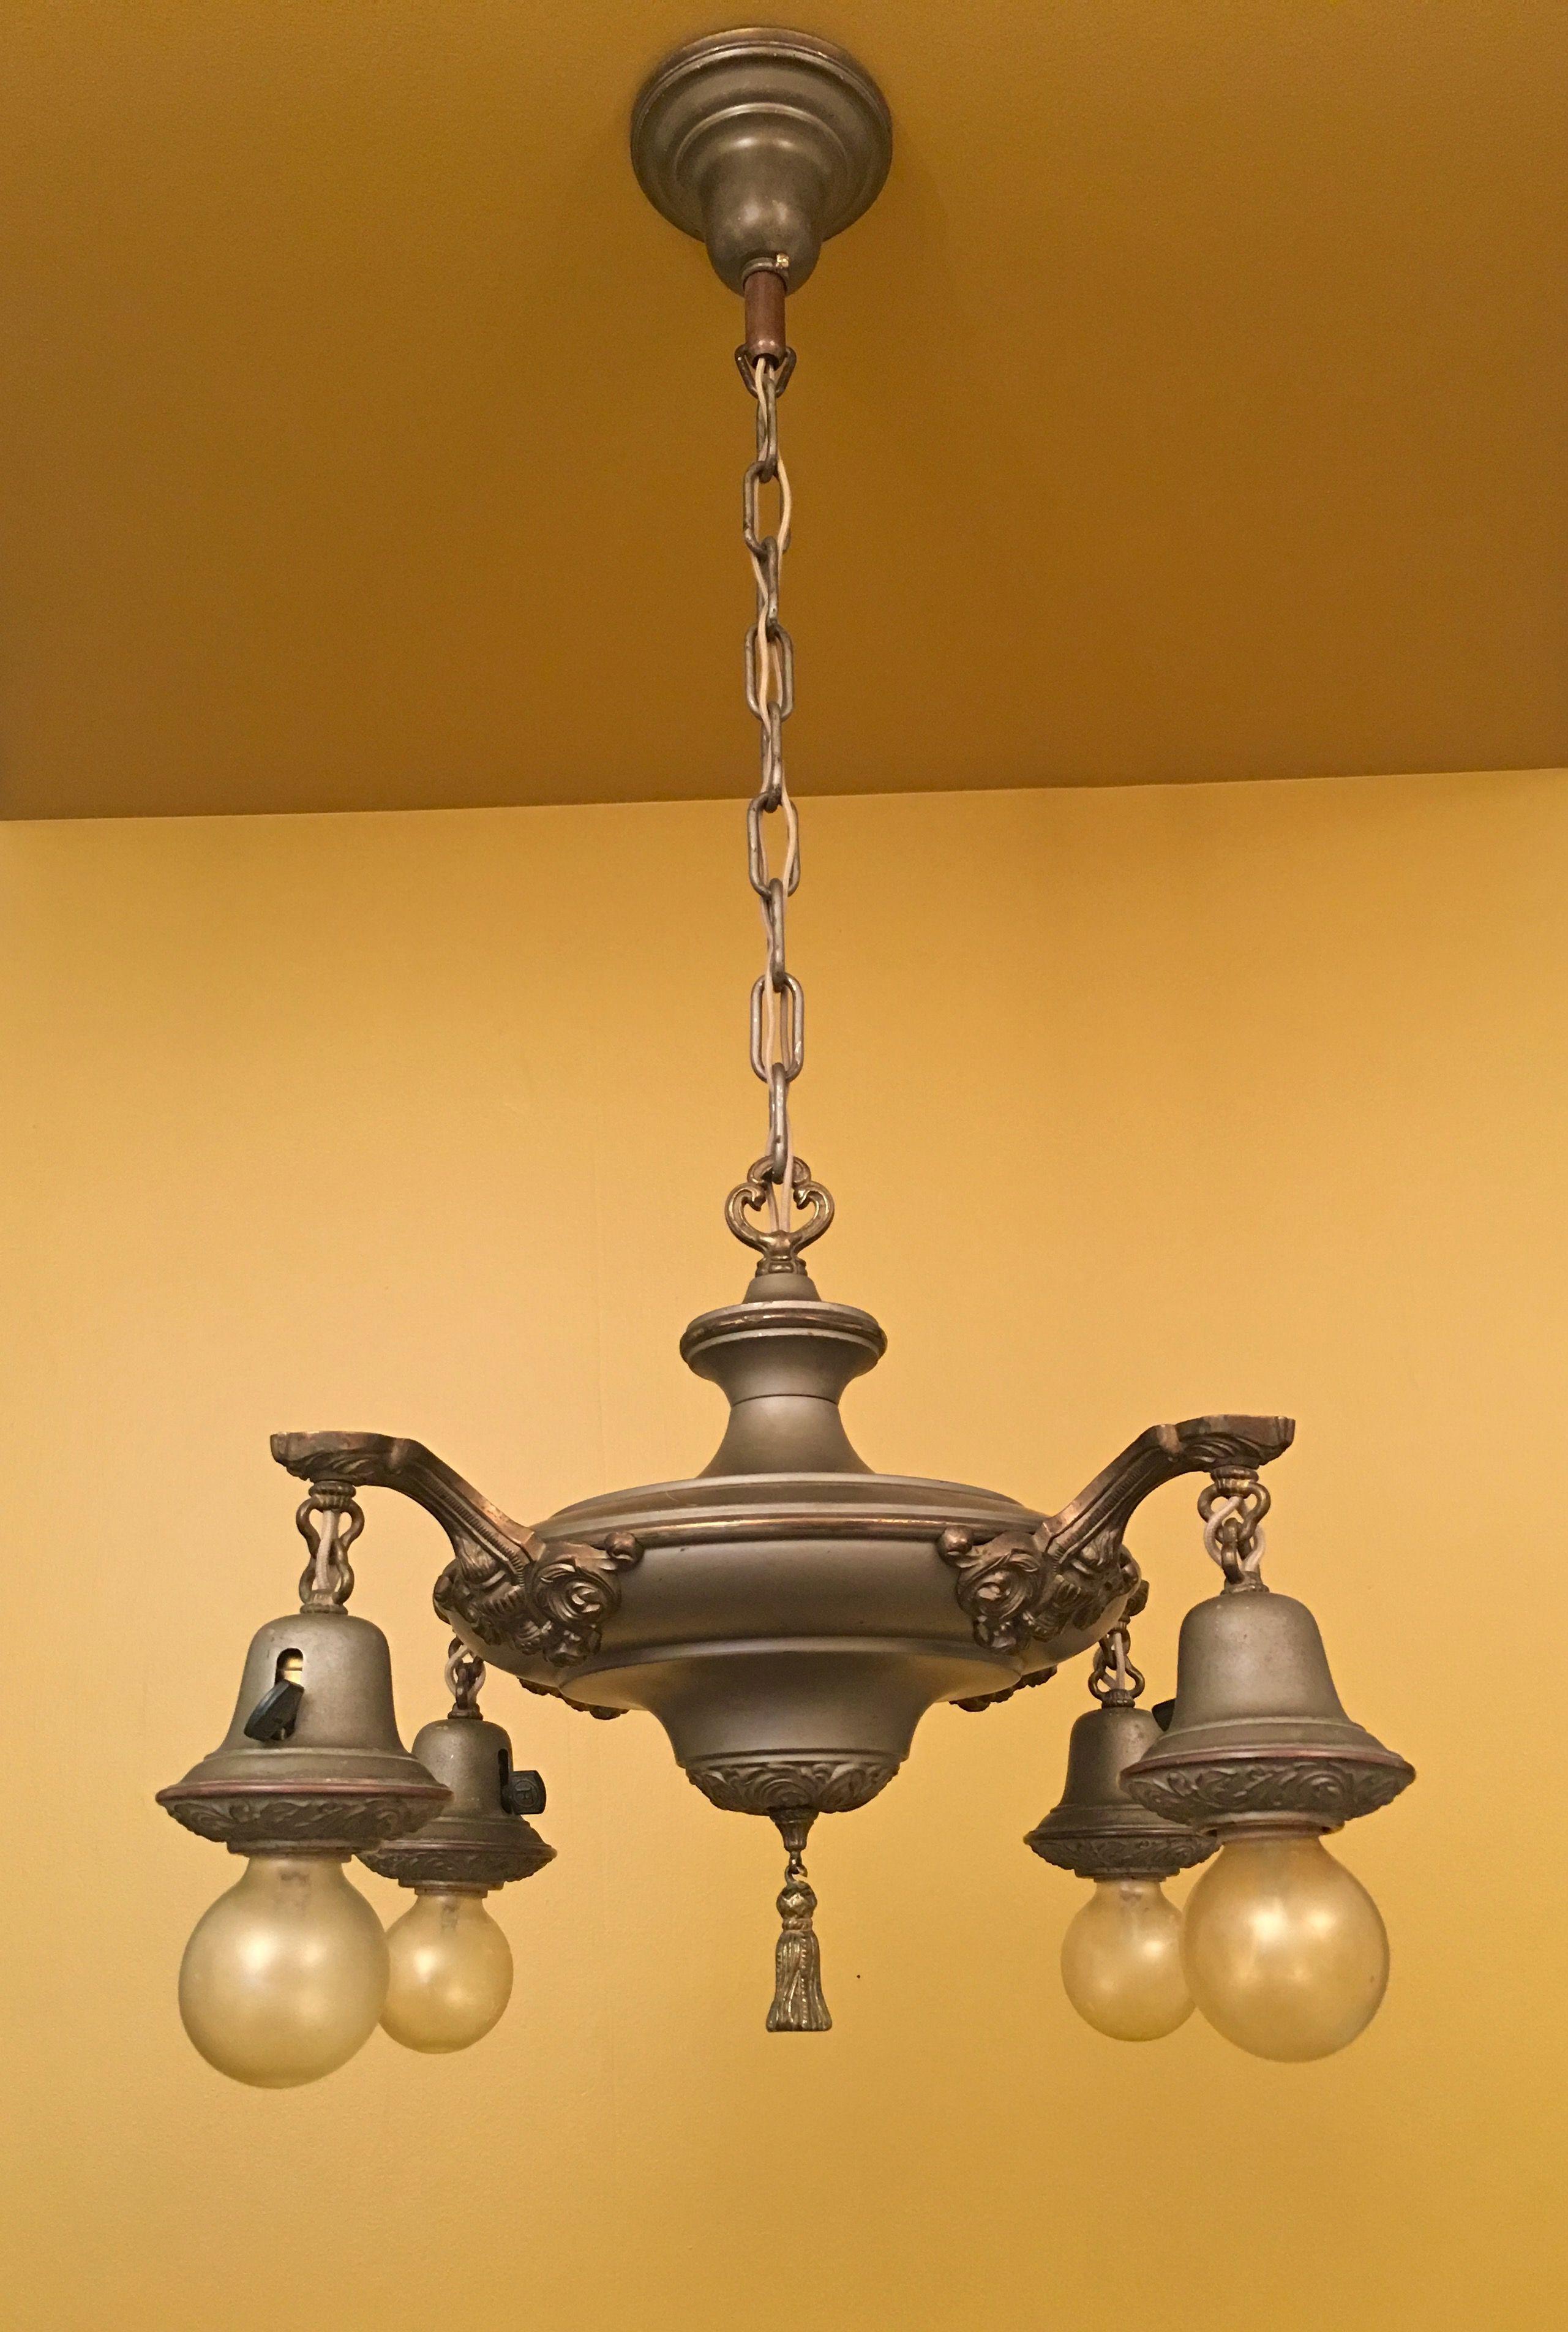 1920s Pan Chandelier Antique Lighting Metal Lighting Vintage Lighting